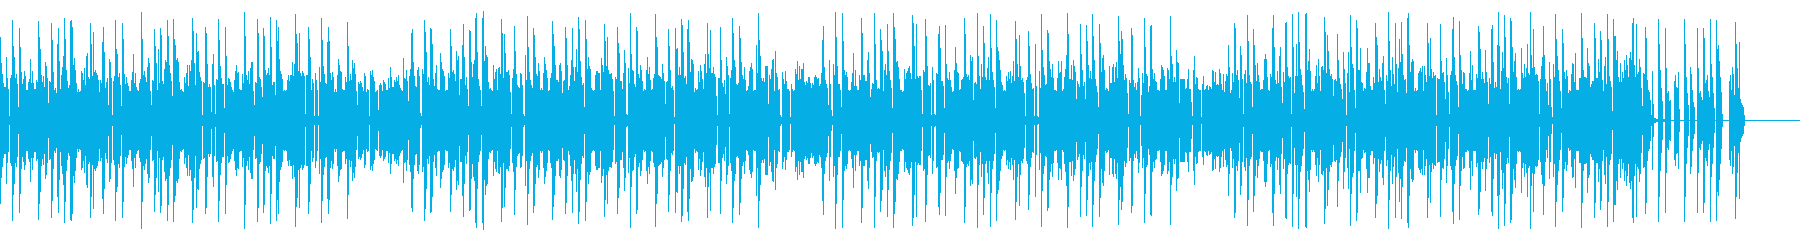 レトロゲーム風チップチューンの再生済みの波形